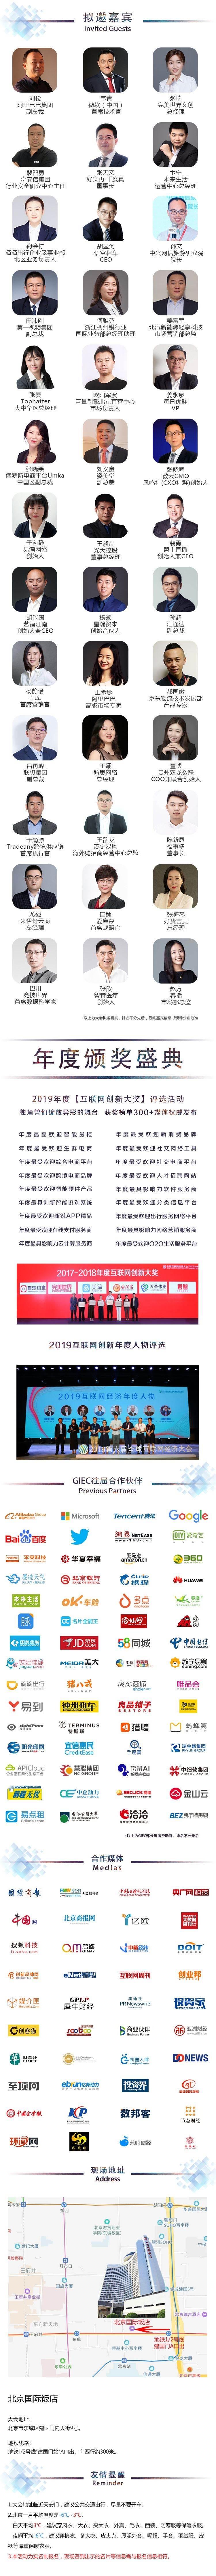 2019中国互联网经济年会.jpg